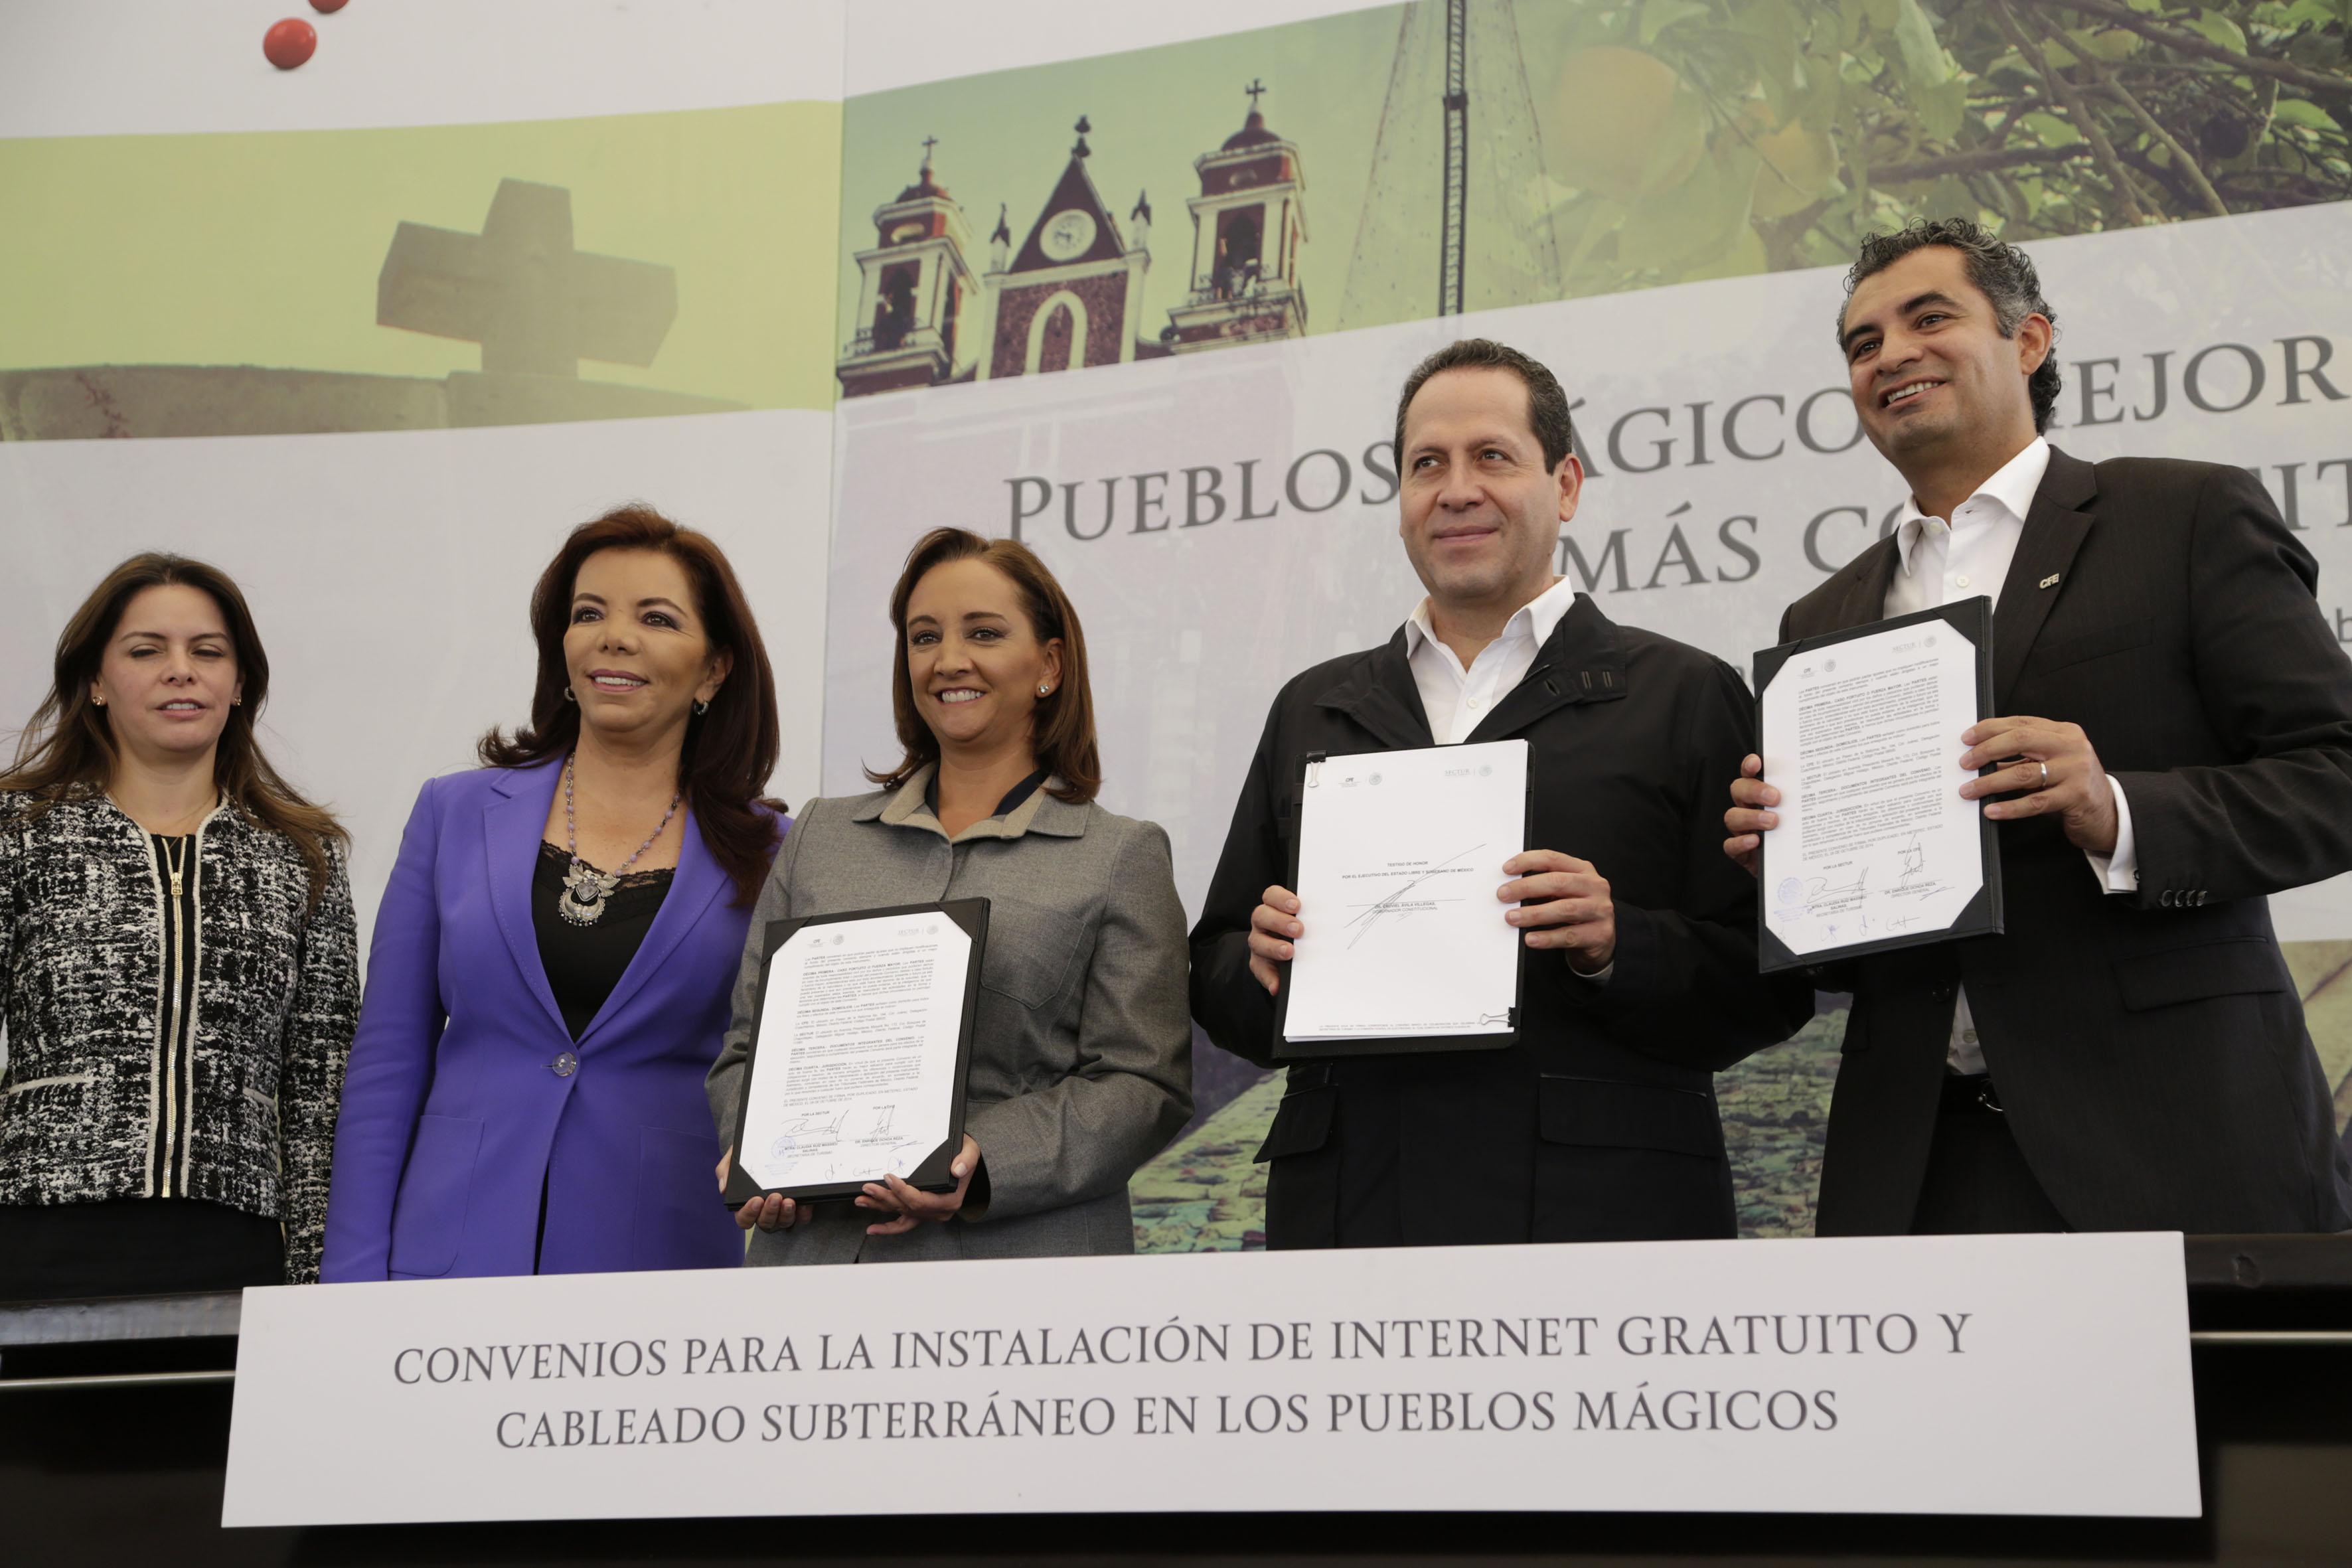 Los representantes de la SECTUR, la SCT y CFE tras firmar convenios de colaboración para la instalación de Internet Gratuito y Cableado Subterraneo en los Pueblos Mágicos.